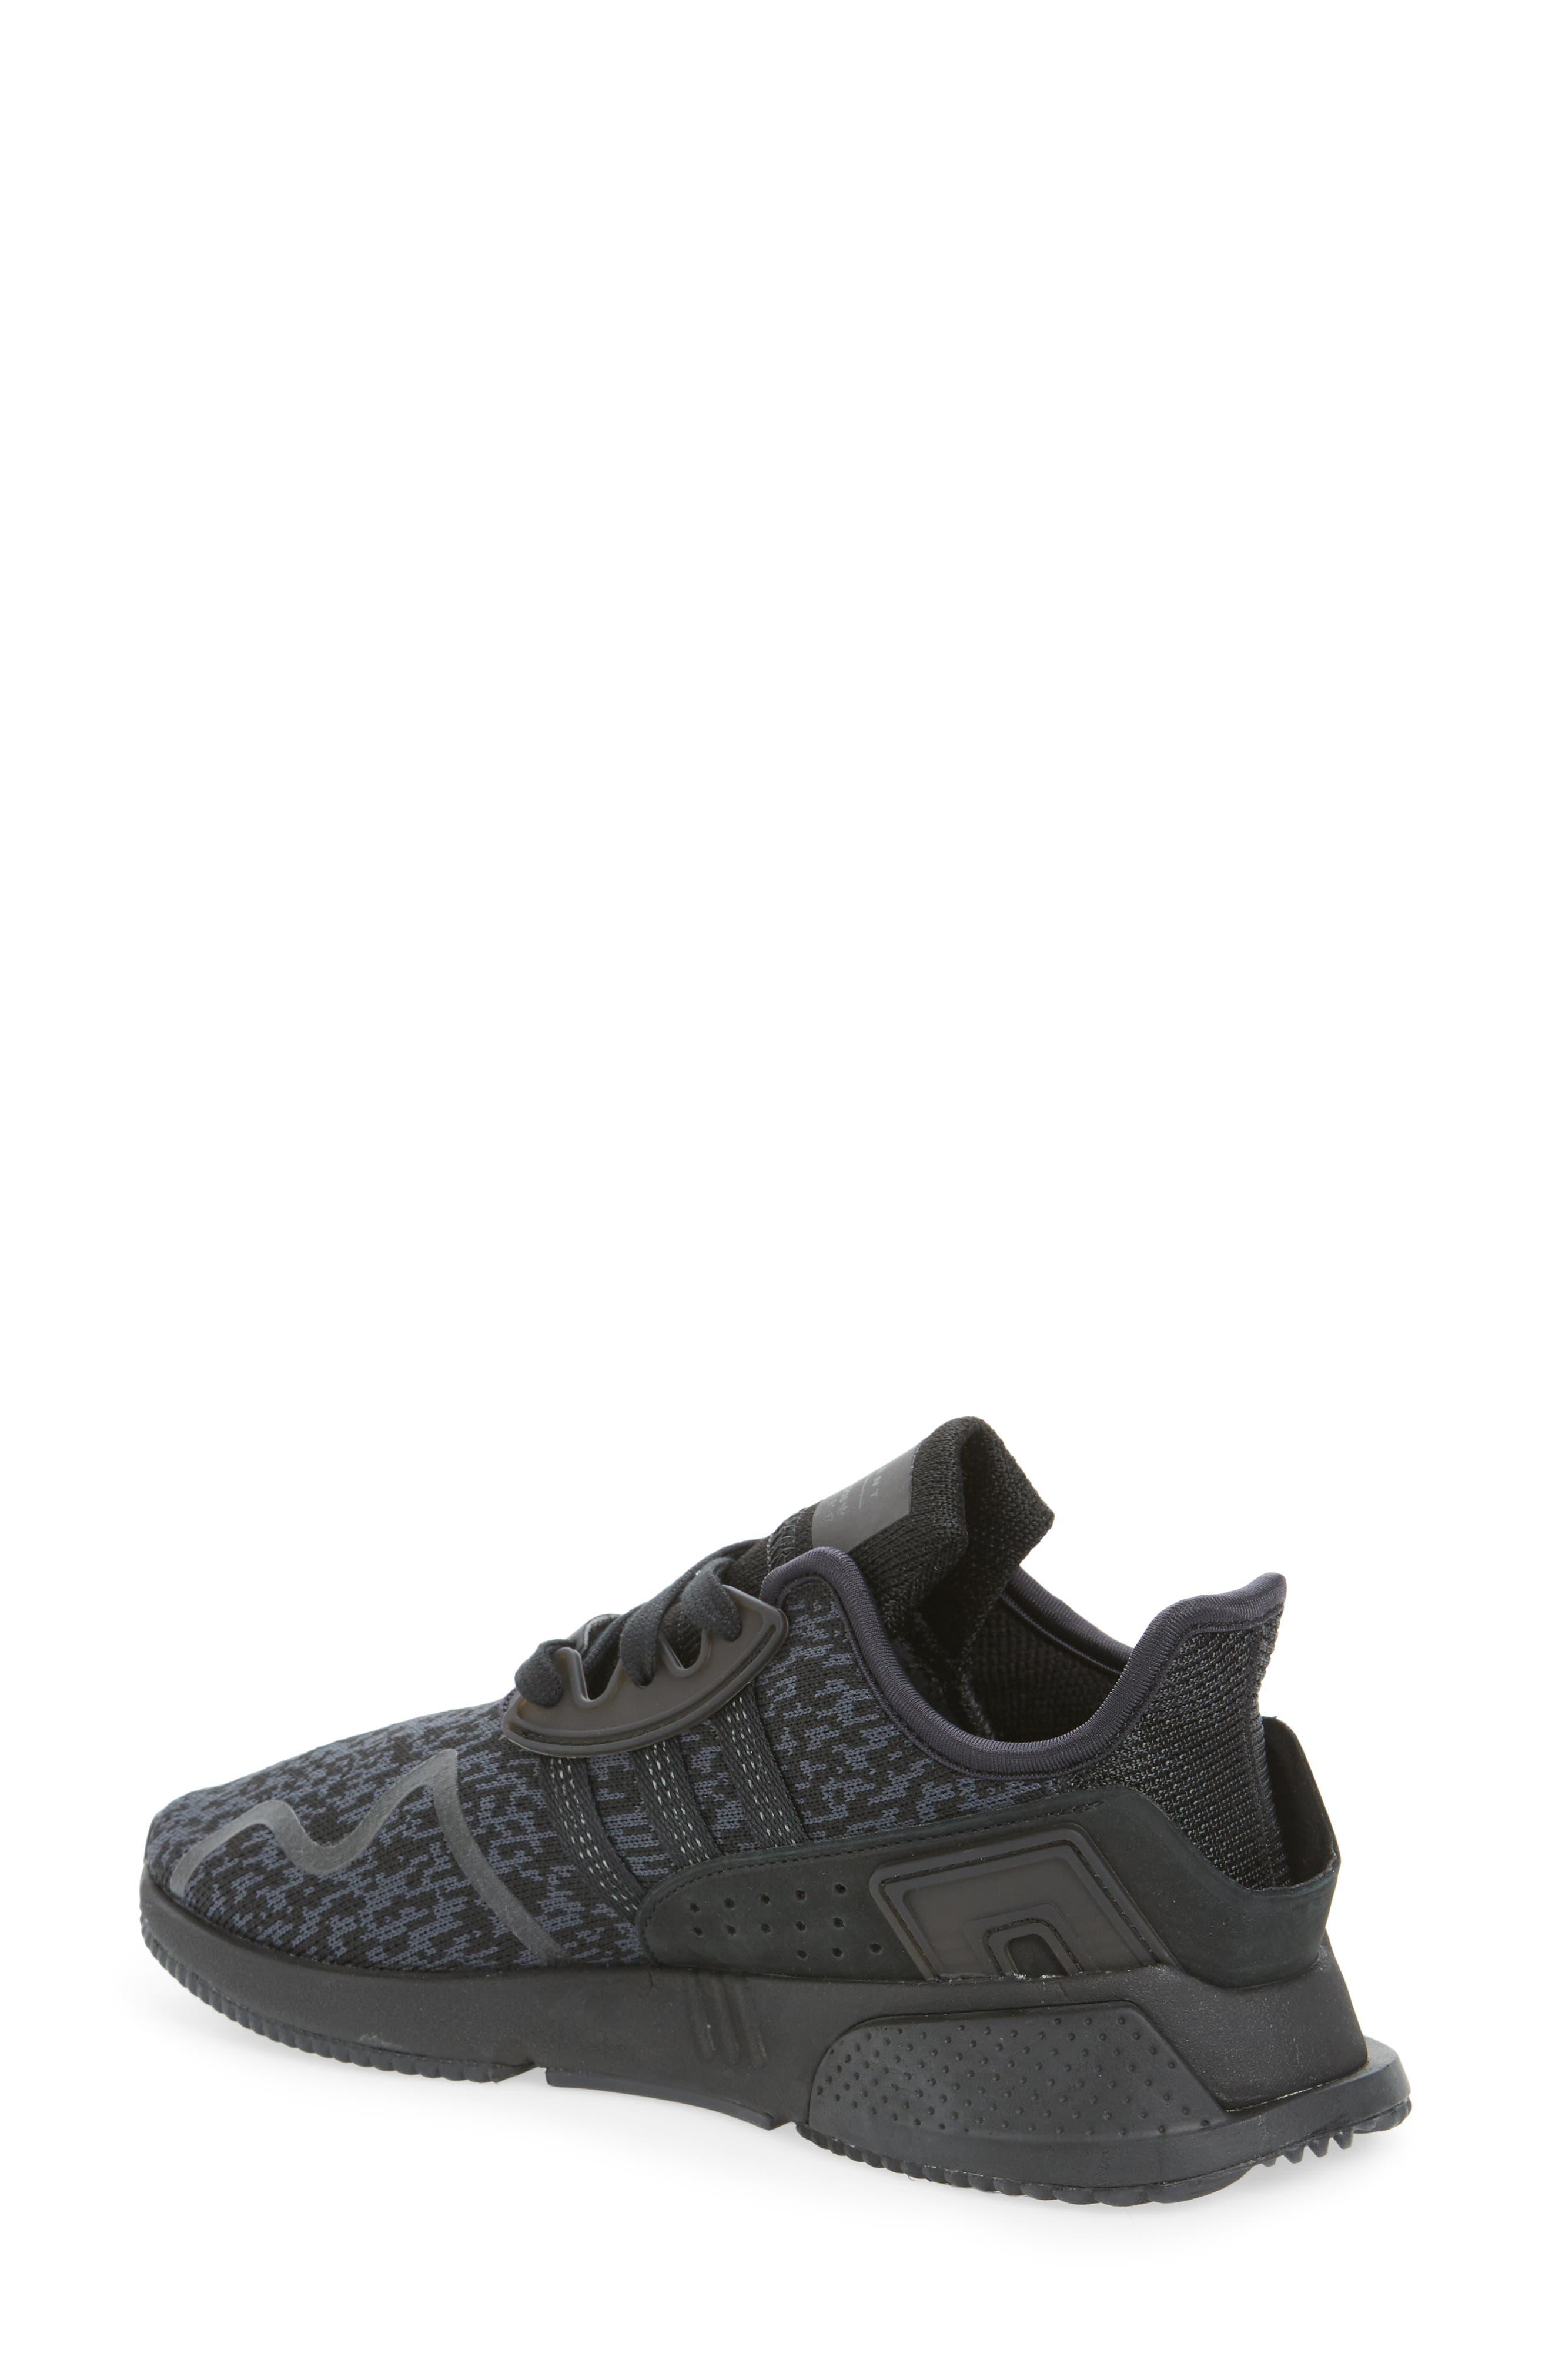 EQT Cushion ADV Sneaker,                             Alternate thumbnail 2, color,                             Core Black/ Core Black/ White